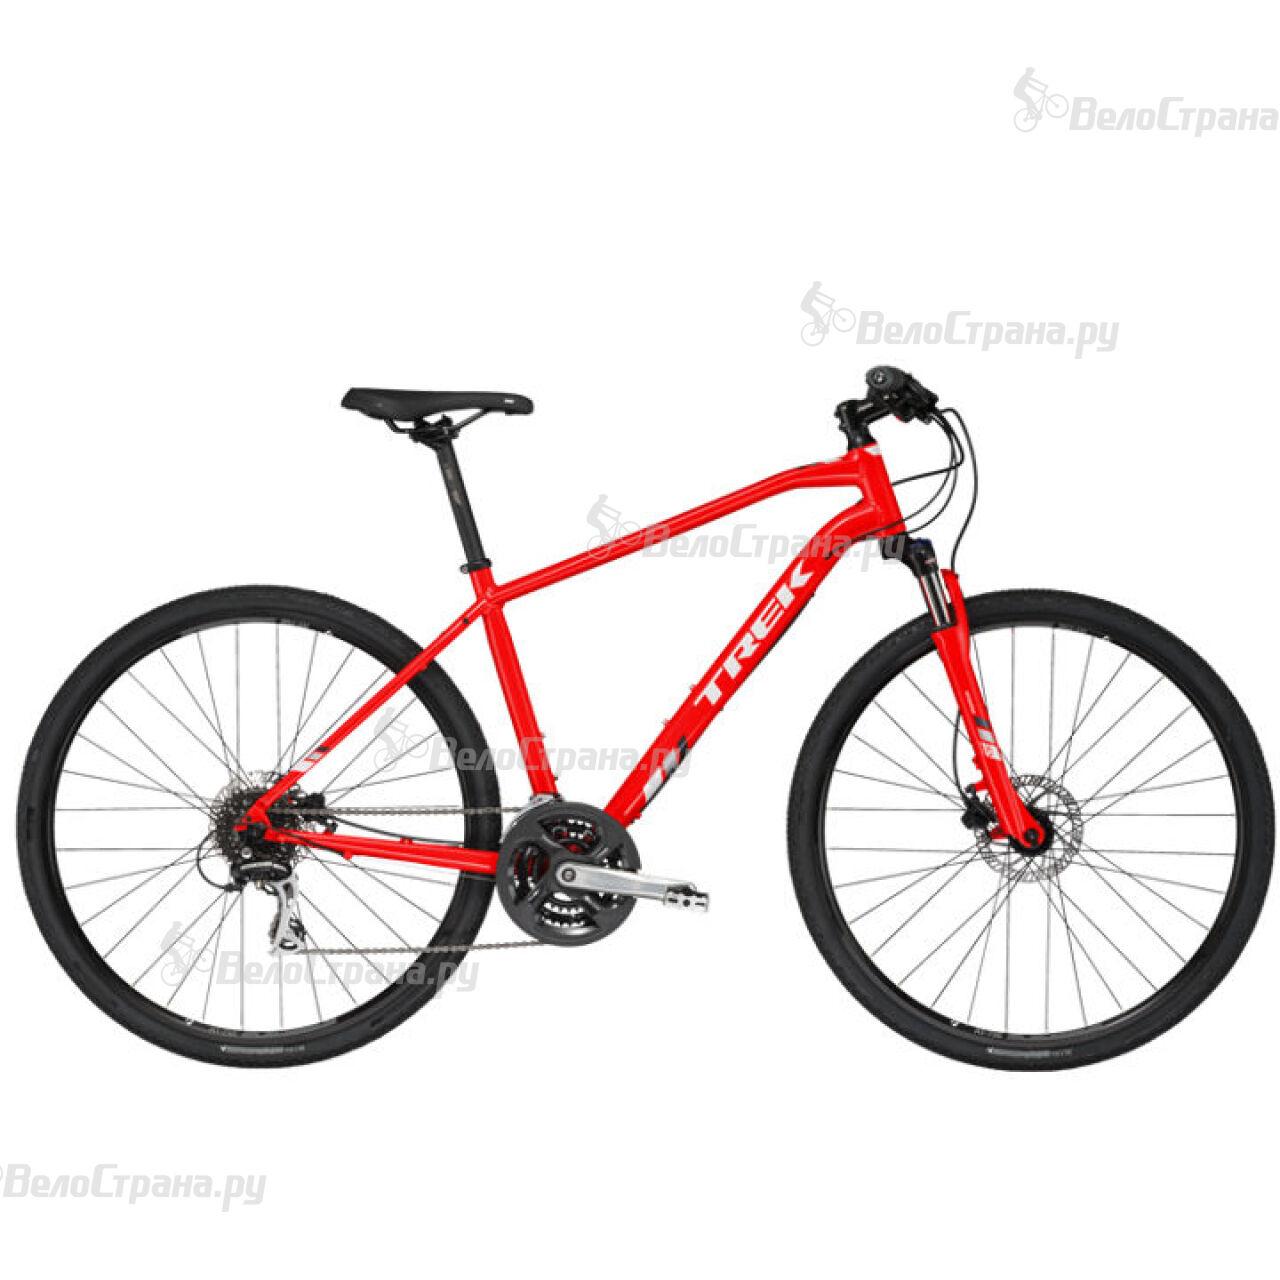 Велосипед Trek DS 2 (2017) гидравлический цилиндр цены гидравлические цилиндры продать